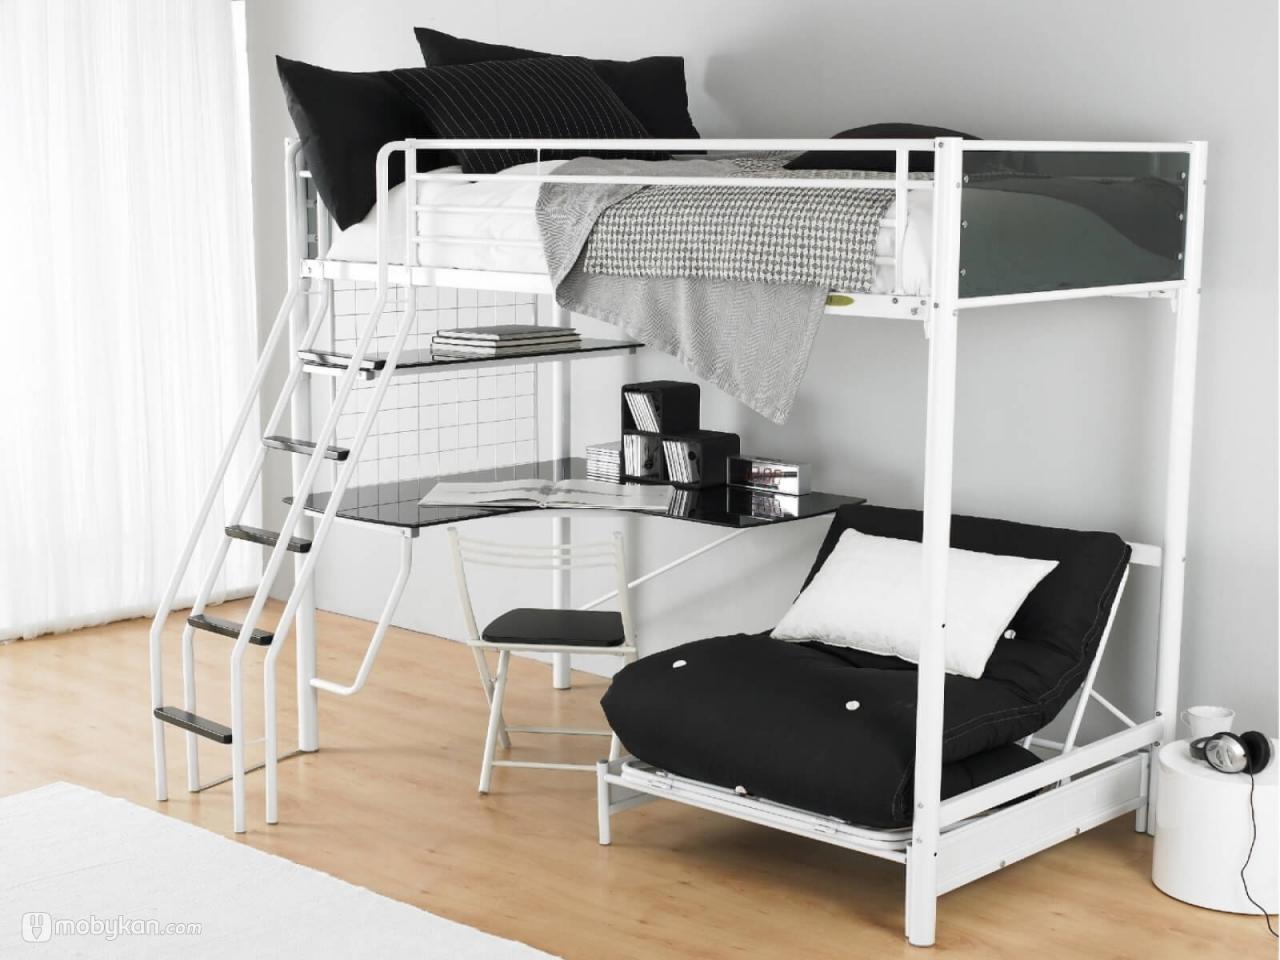 Ikea Bunk Bed Twin Over Full Novocom Top